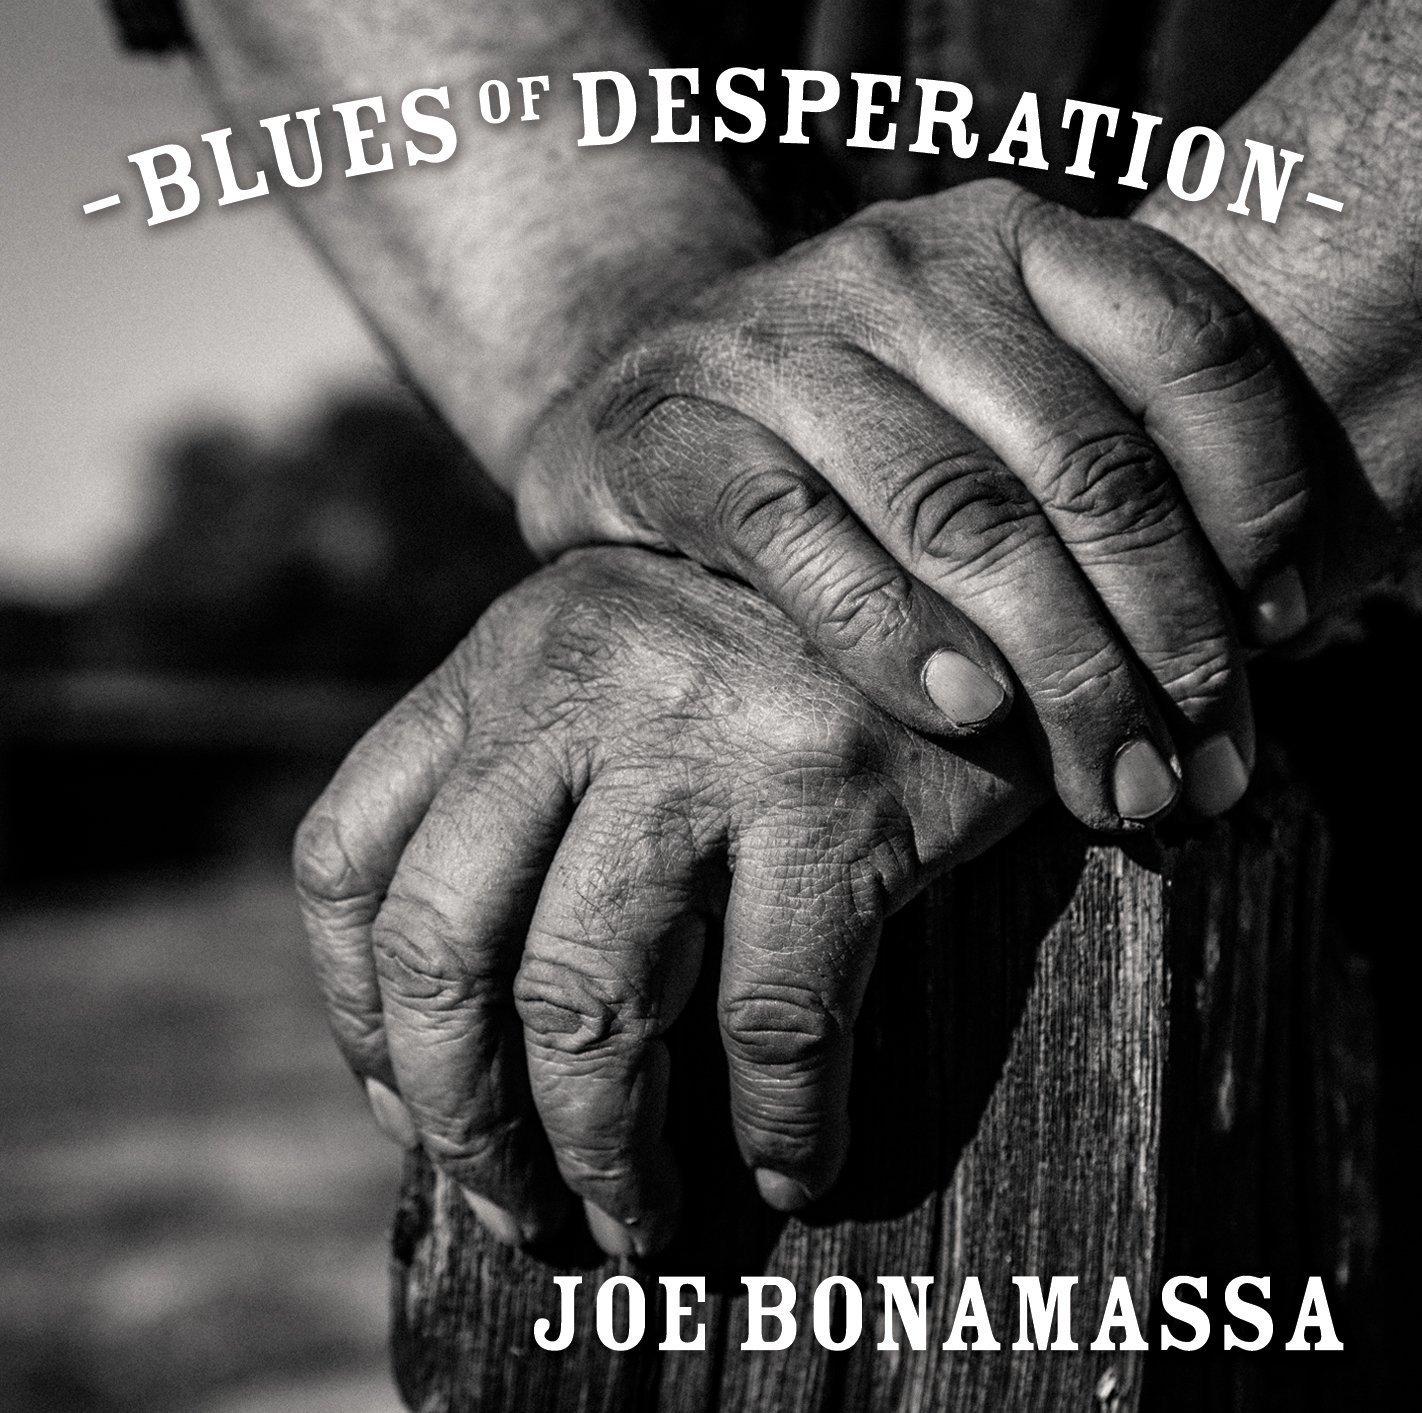 CD : Joe Bonamassa - Blues of Desperation (CD)